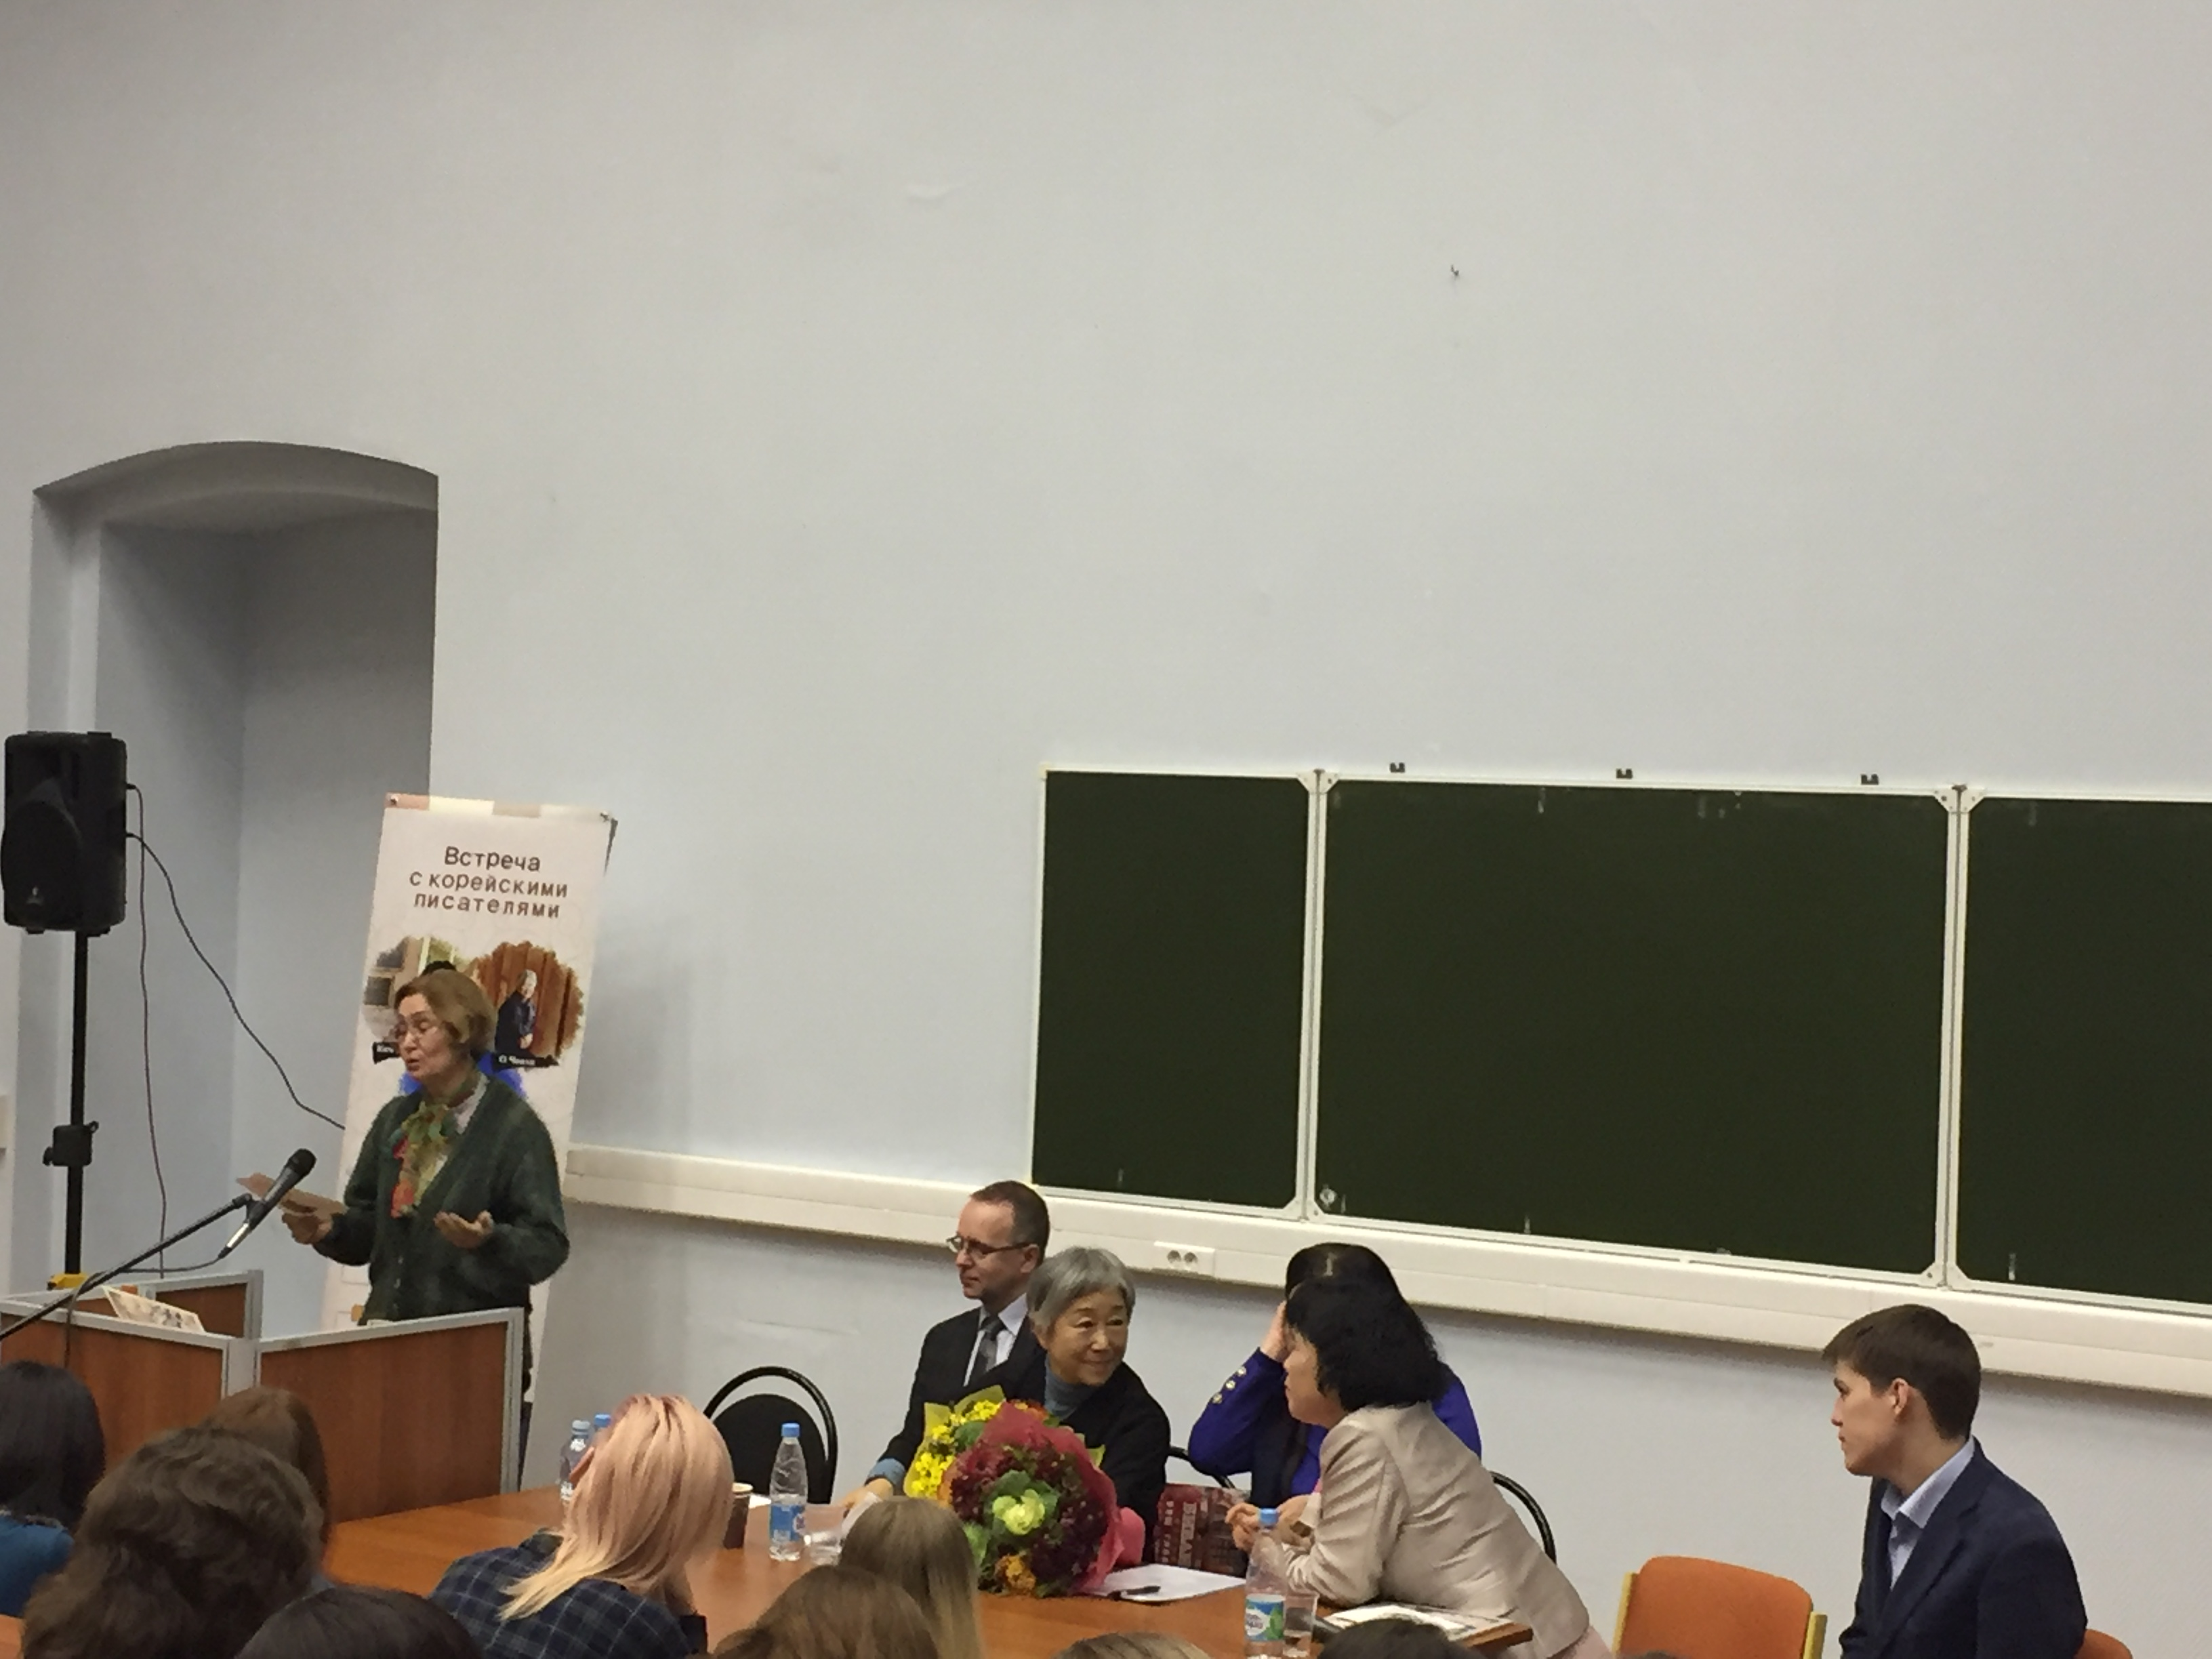 모스크바국립대 아시아아프리카대학 교수 이리나 카사트키나\n